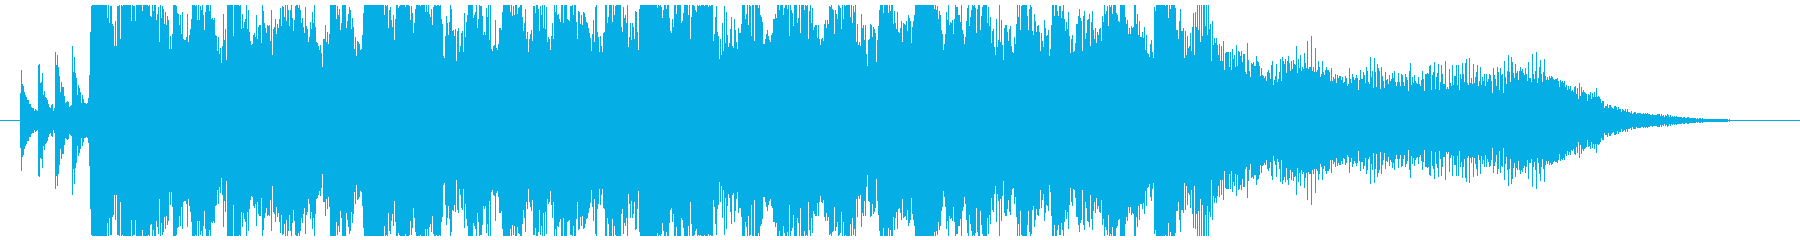 環境にやさしい事業紹介のCM曲-15秒の再生済みの波形